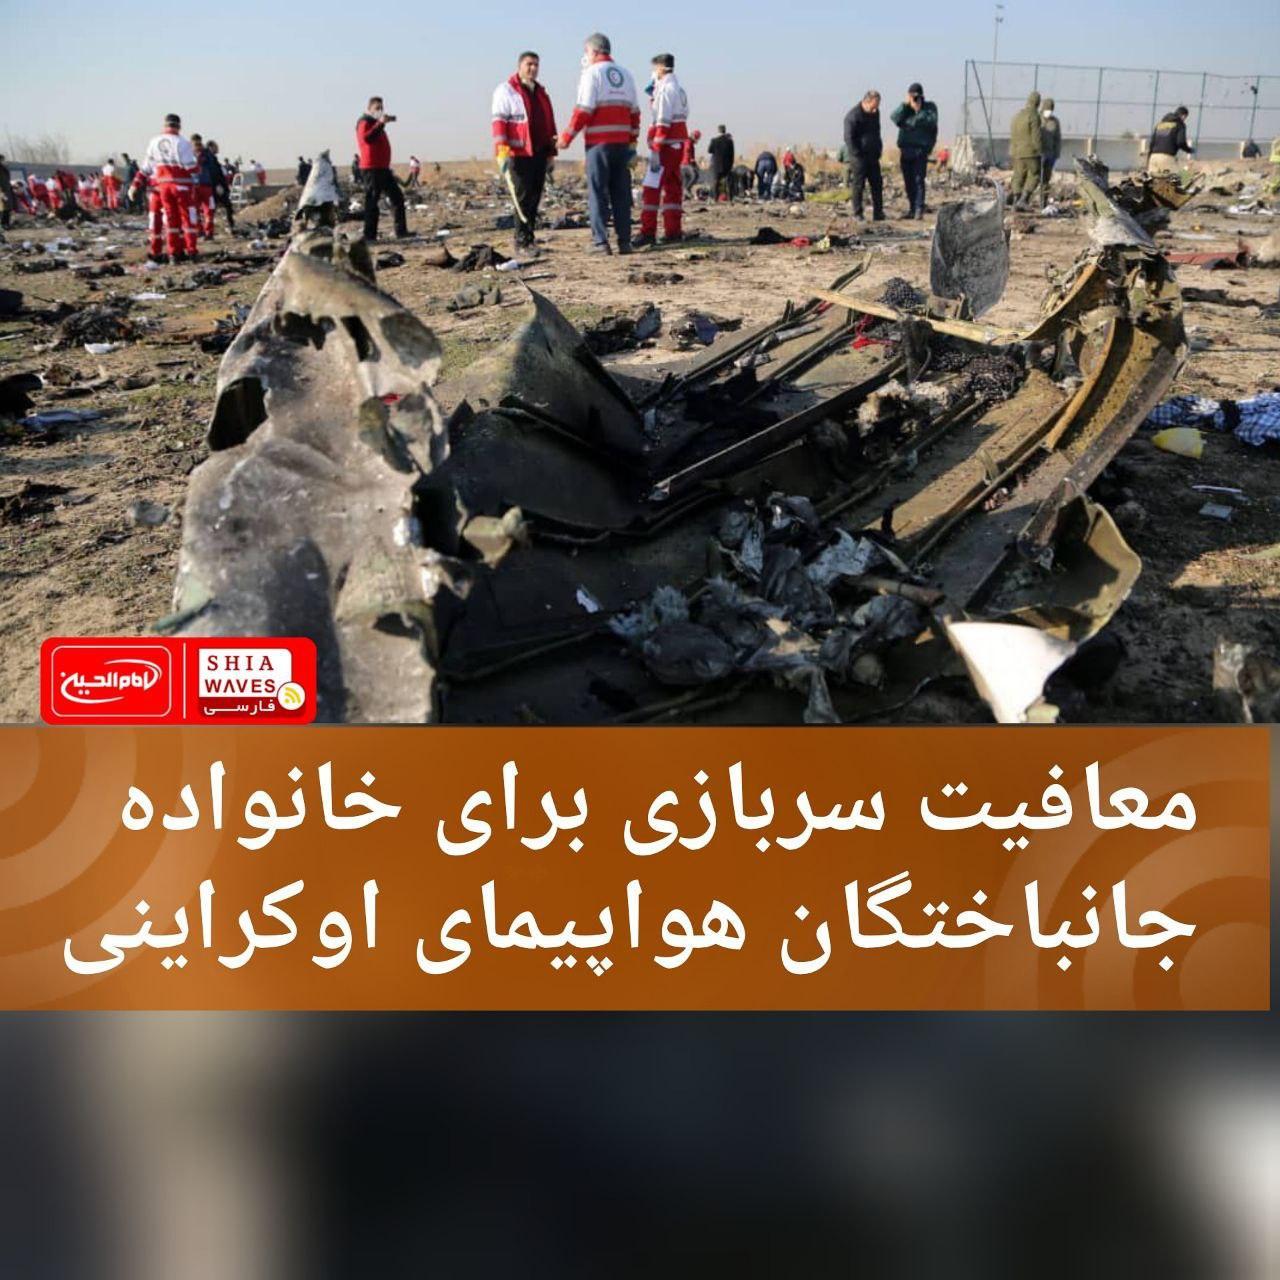 تصویر معافیت سربازی برای خانواده جانباختگان هواپیمای اوکراینی